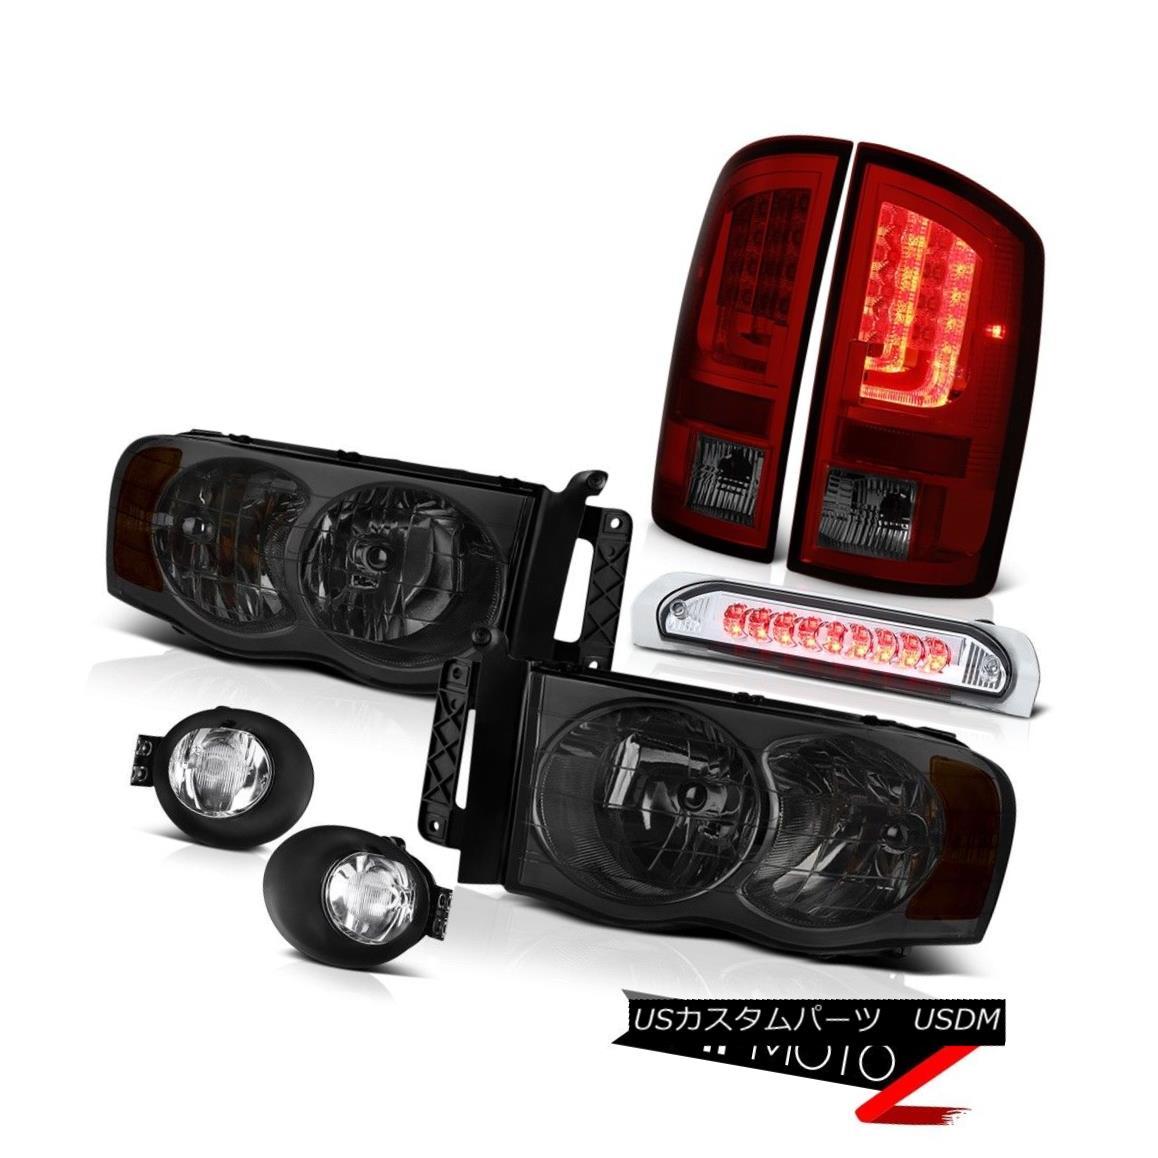 テールライト 02-05 Dodge Ram 1500 2500 ST Tail Brake Lamps Fog Headlamps Roof Cab Light LED 02-05 Dodge Ram 1500 2500 STテールブレーキランプフォグヘッドランプルーフキャブライトLED